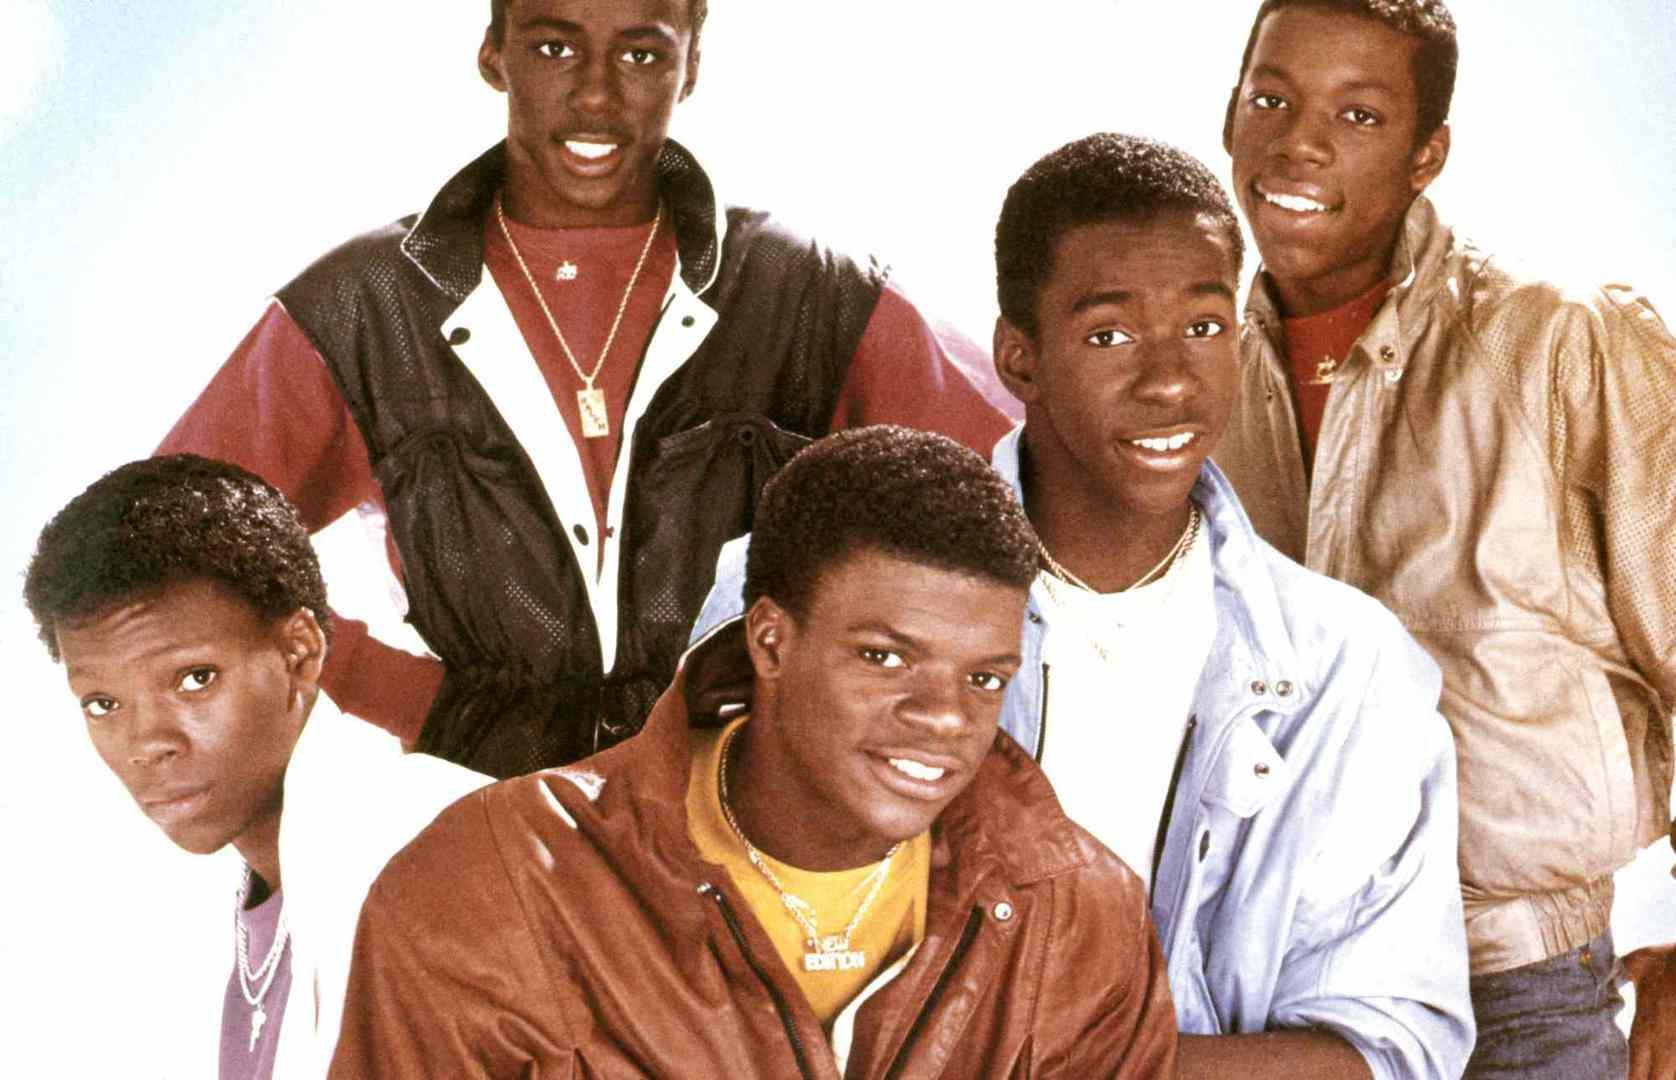 Le Boy Band degli anni '80